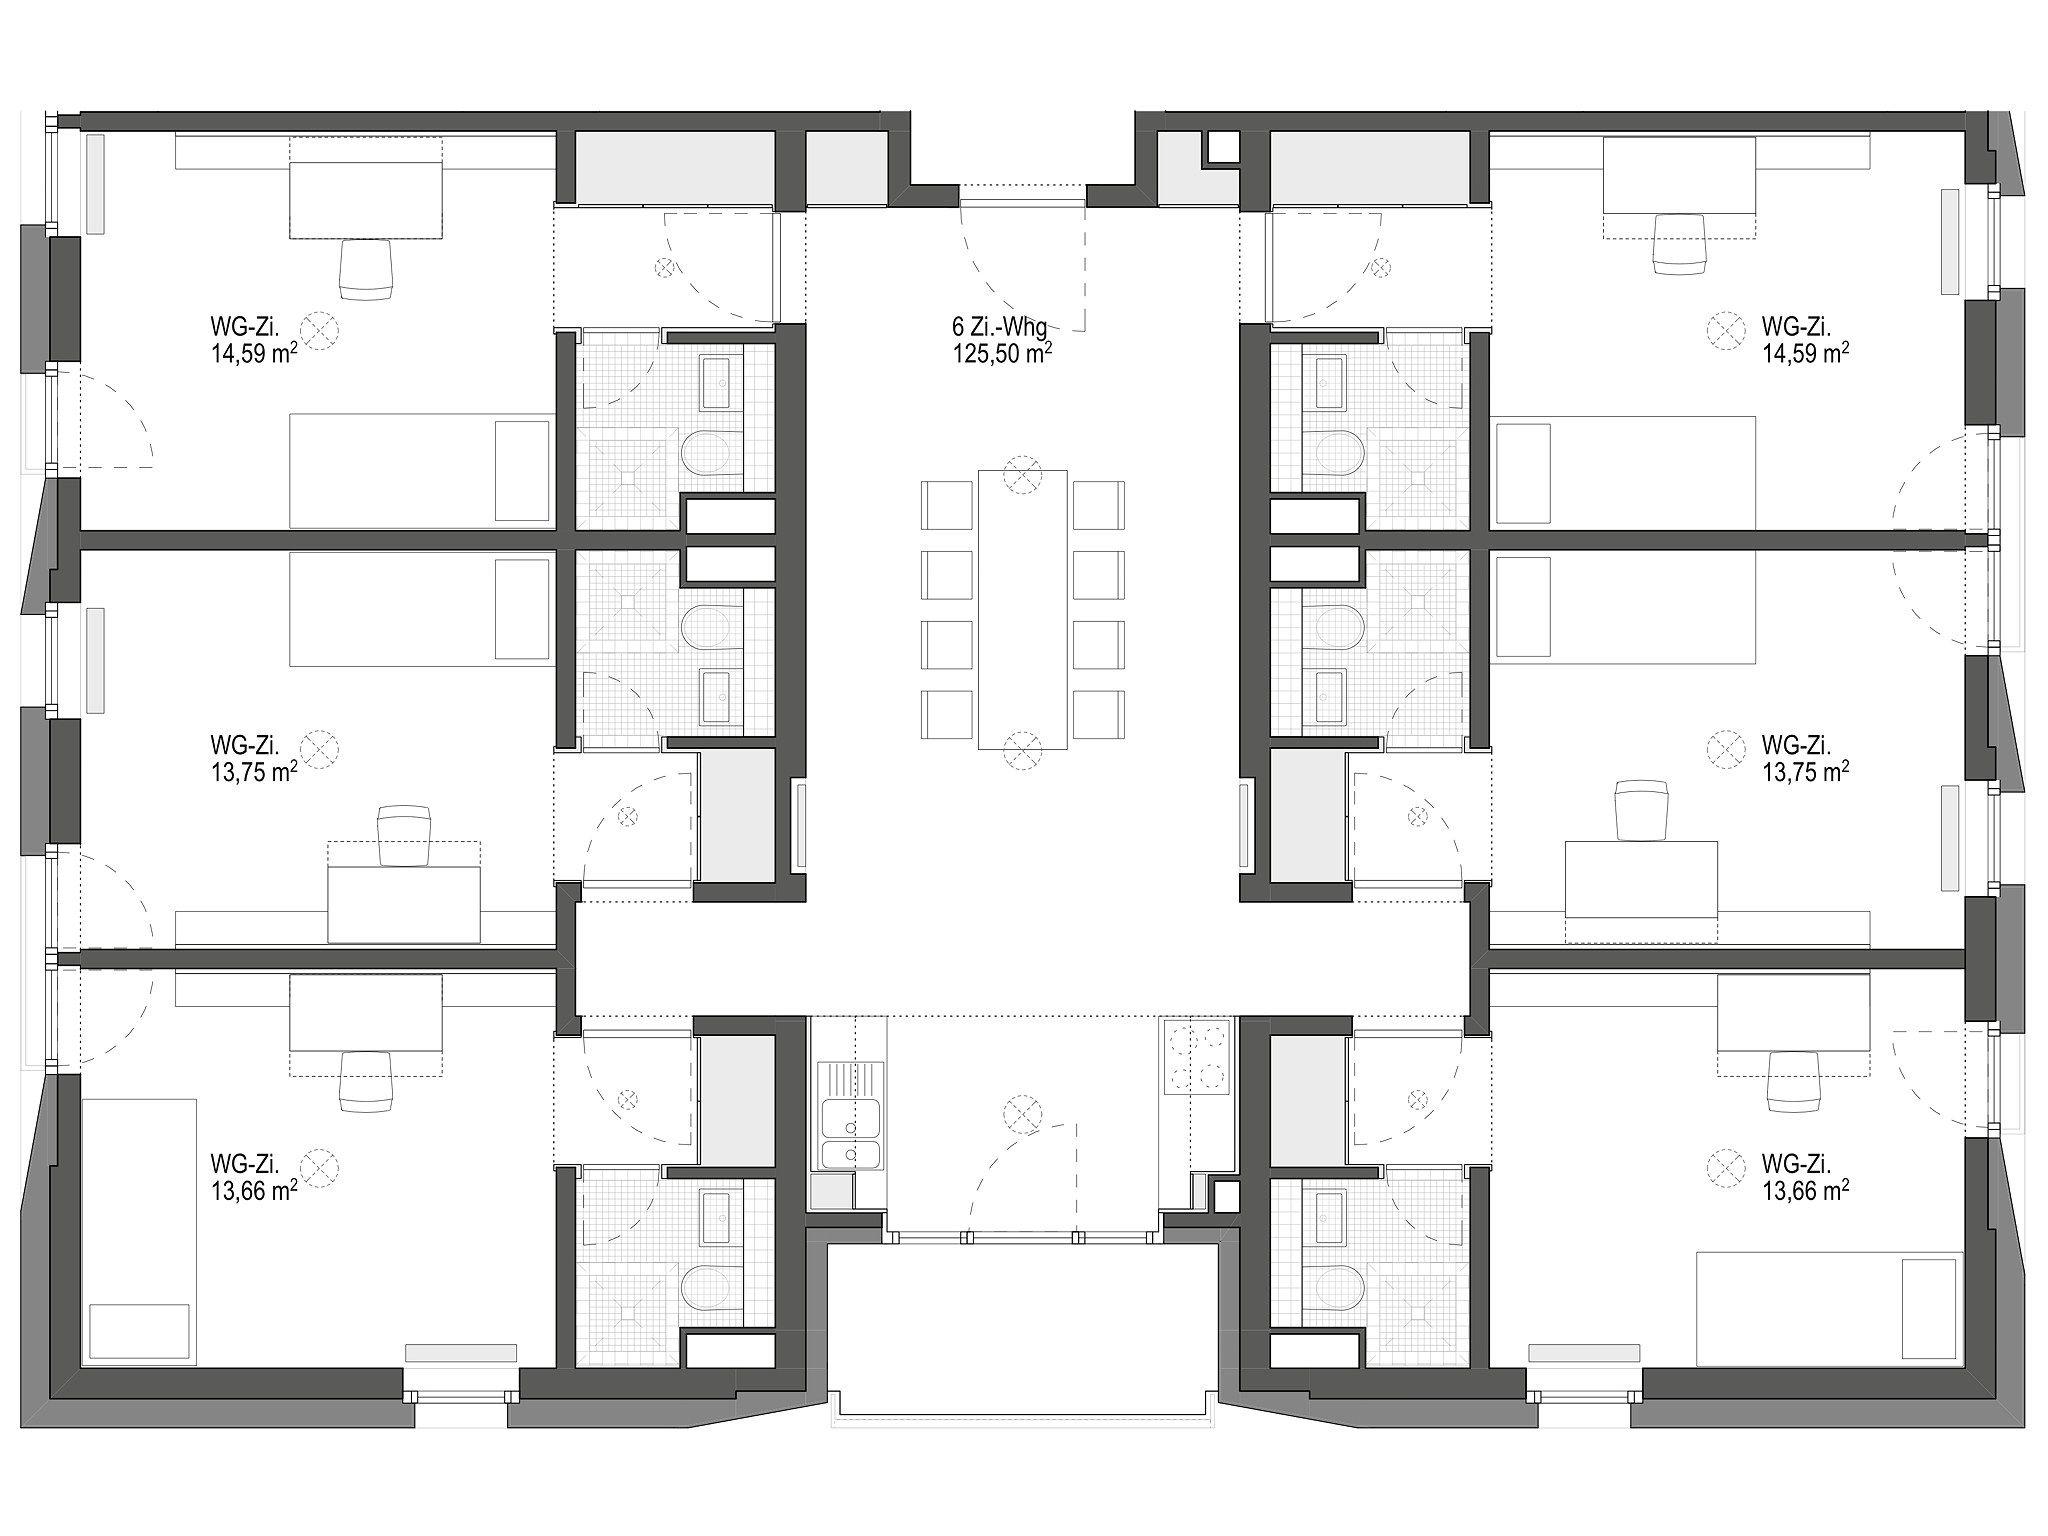 6 zimmer wohngemeinschaft geier maass architekten wohnungsbau pinterest. Black Bedroom Furniture Sets. Home Design Ideas